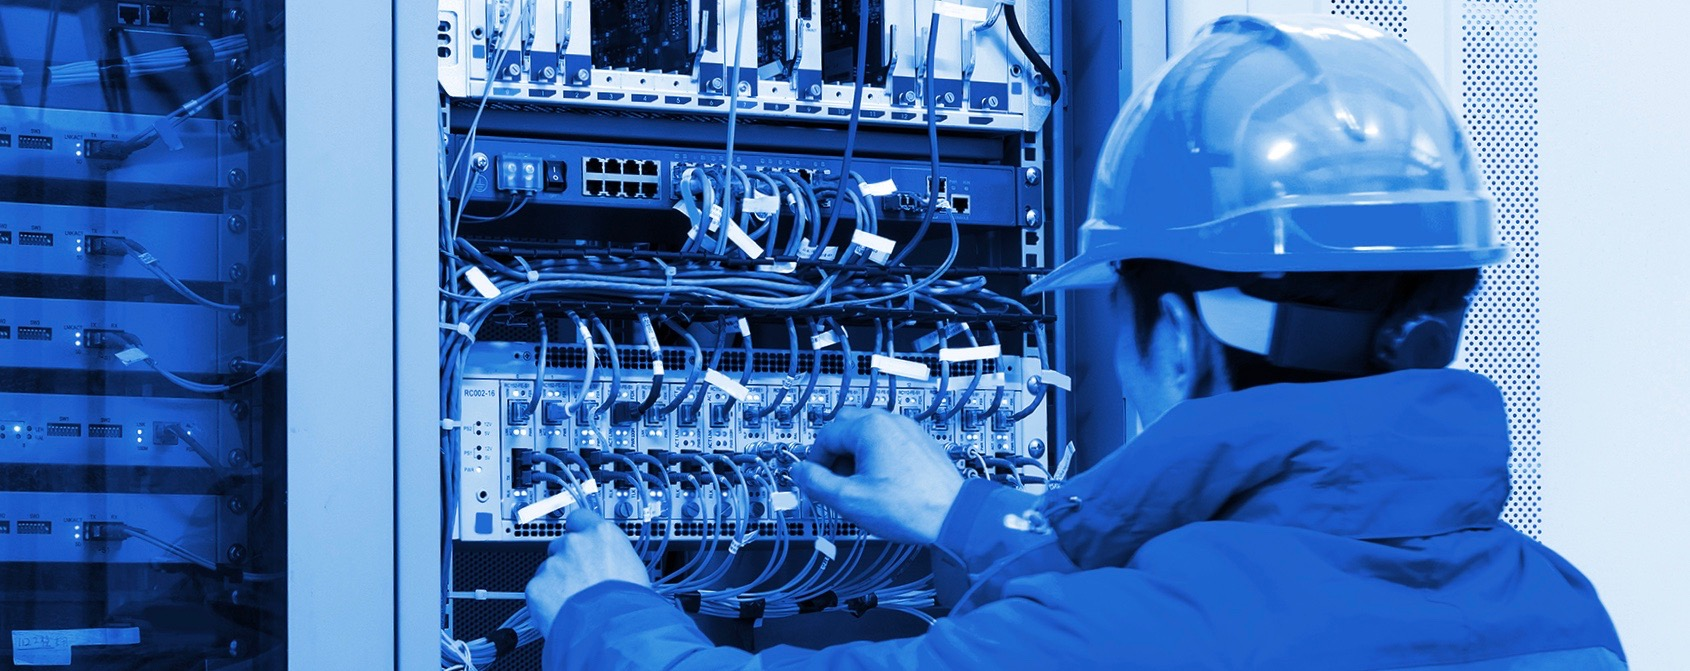 Acceso a Internet garantizado y tránsito IP